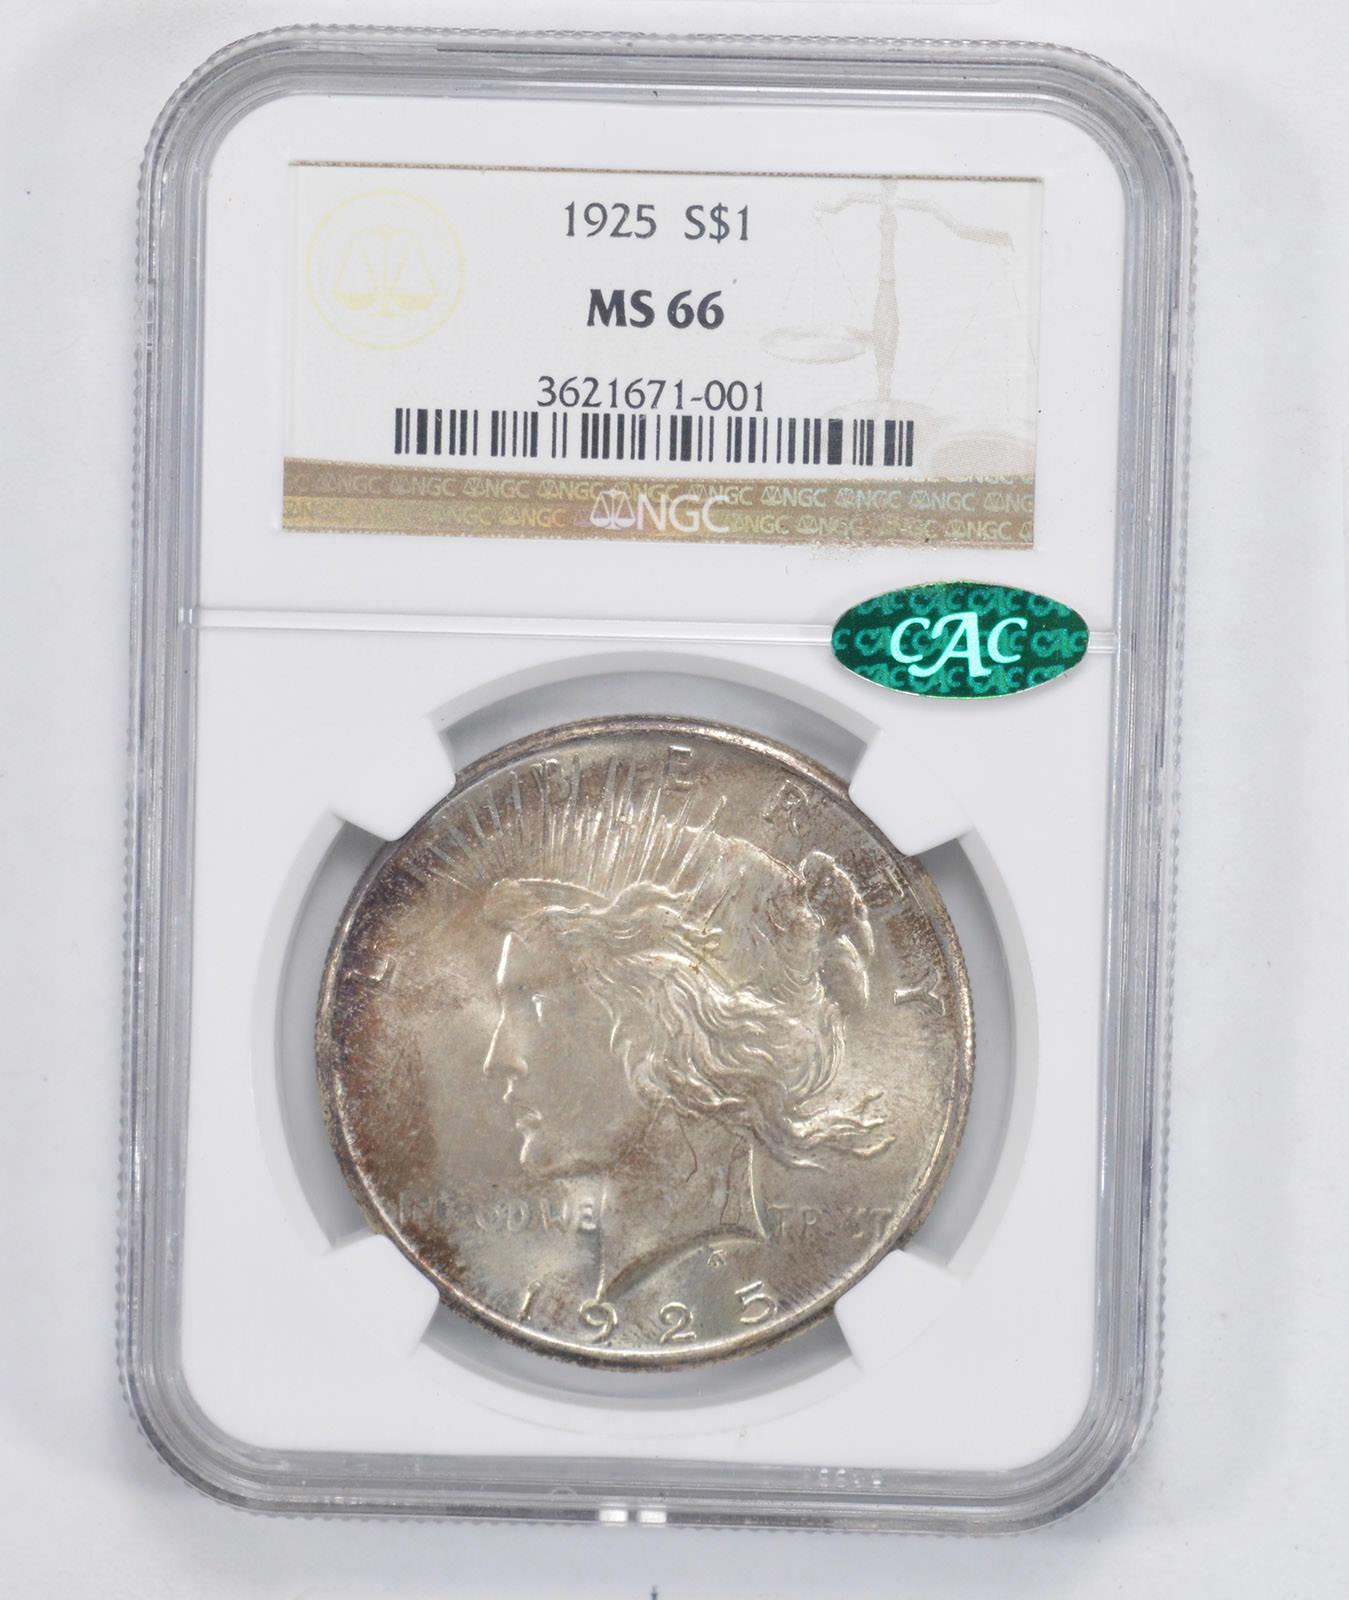 1925 silver dollar value